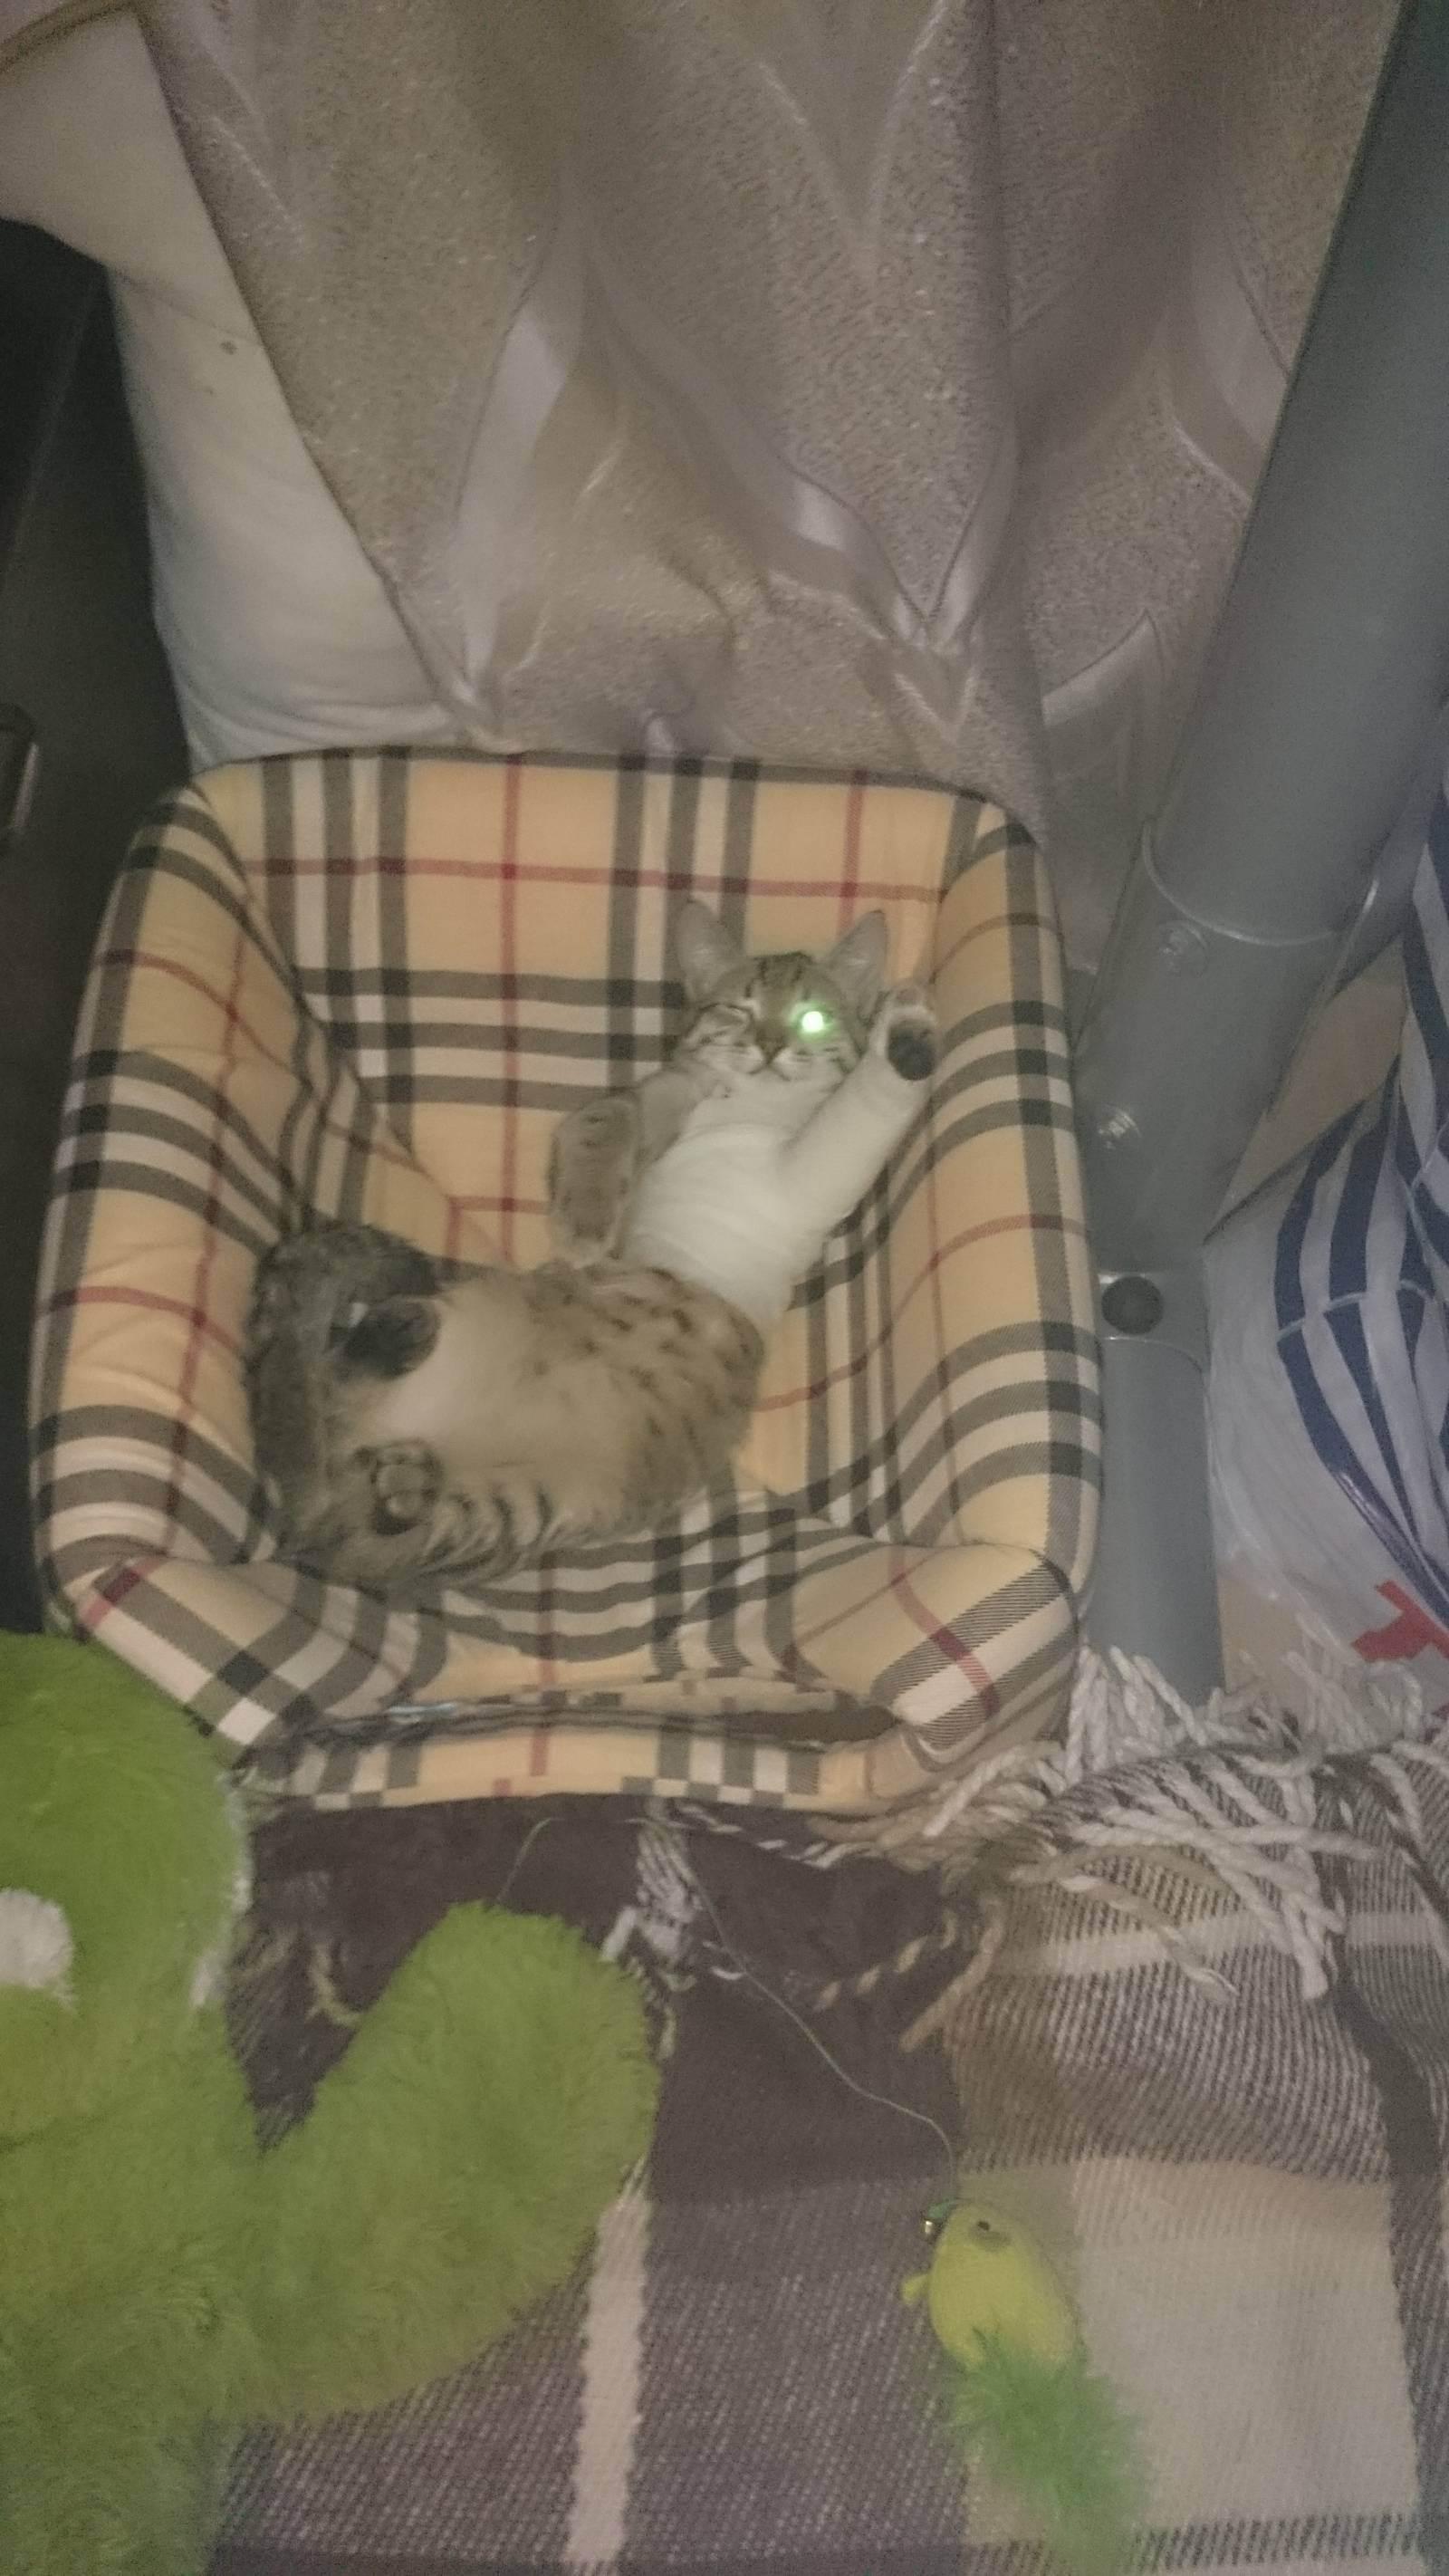 Падение с кошки большой высоты, травмы кошек, синдром падающих кошек, вывихи переломы у кошек после падения с высоты, первая помощь виды переломов, лечение кошек